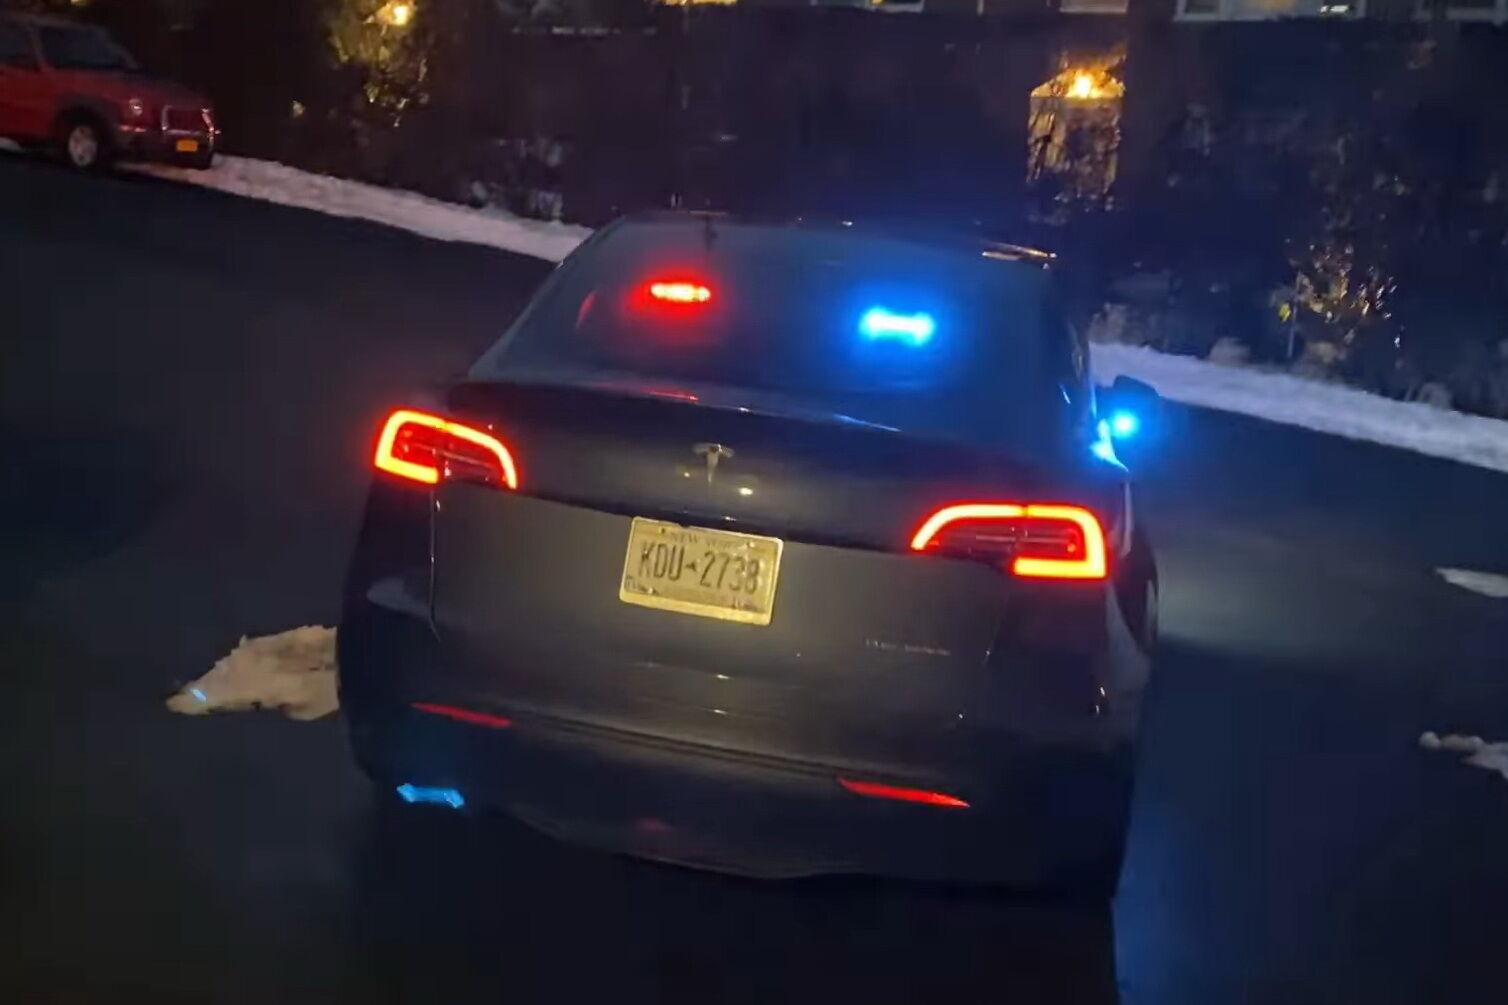 Автомобіль оснащений спеціальною системою світлової сигналізації та освітлення CenCom Core від компанії Whelen